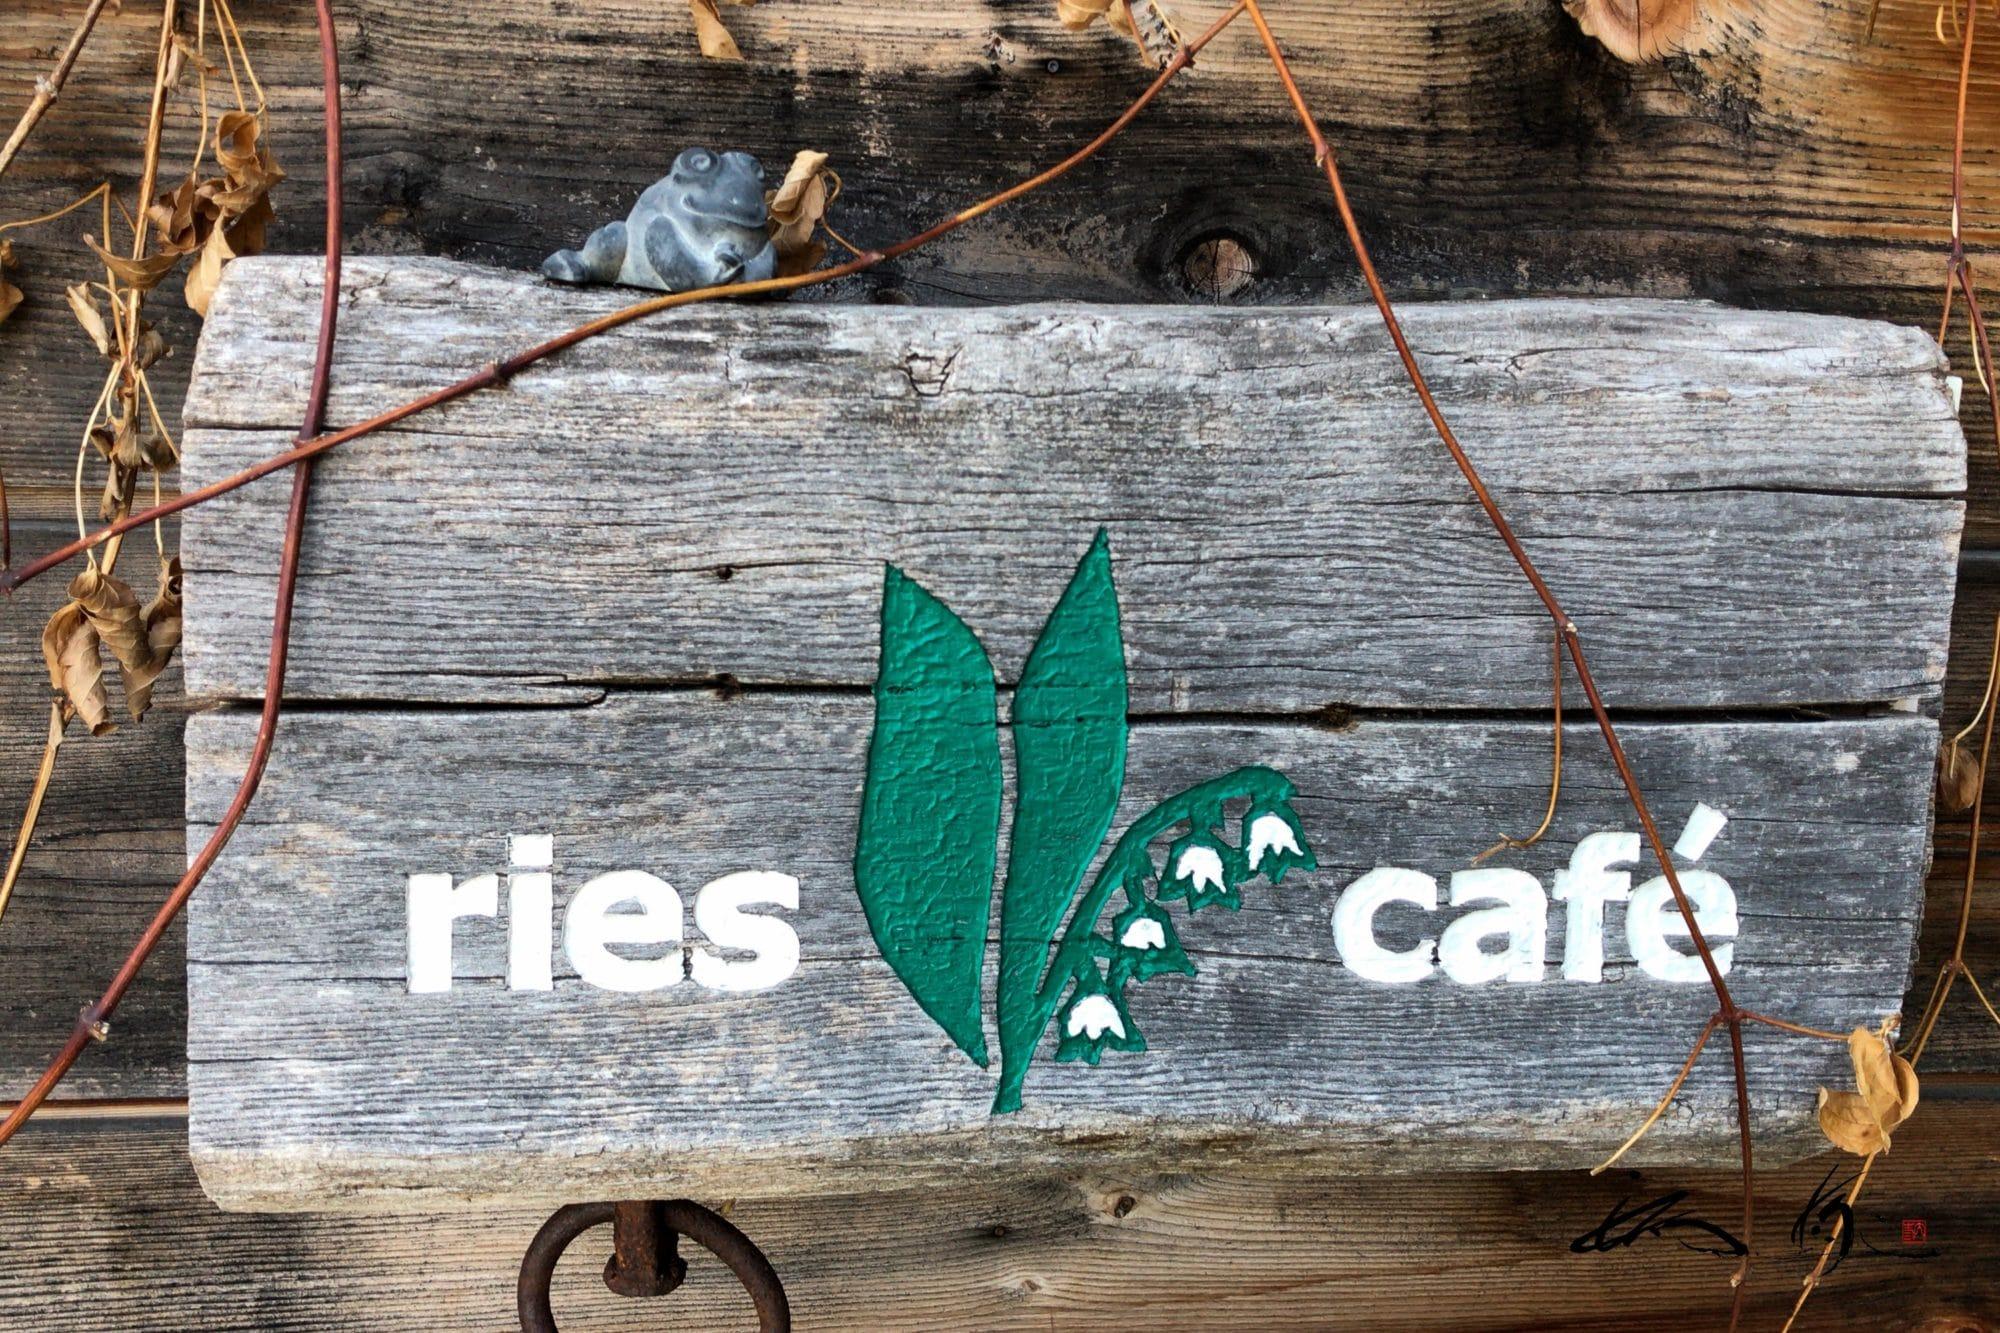 リーズカフェ・ries café(美瑛町)でゆったりのんびり